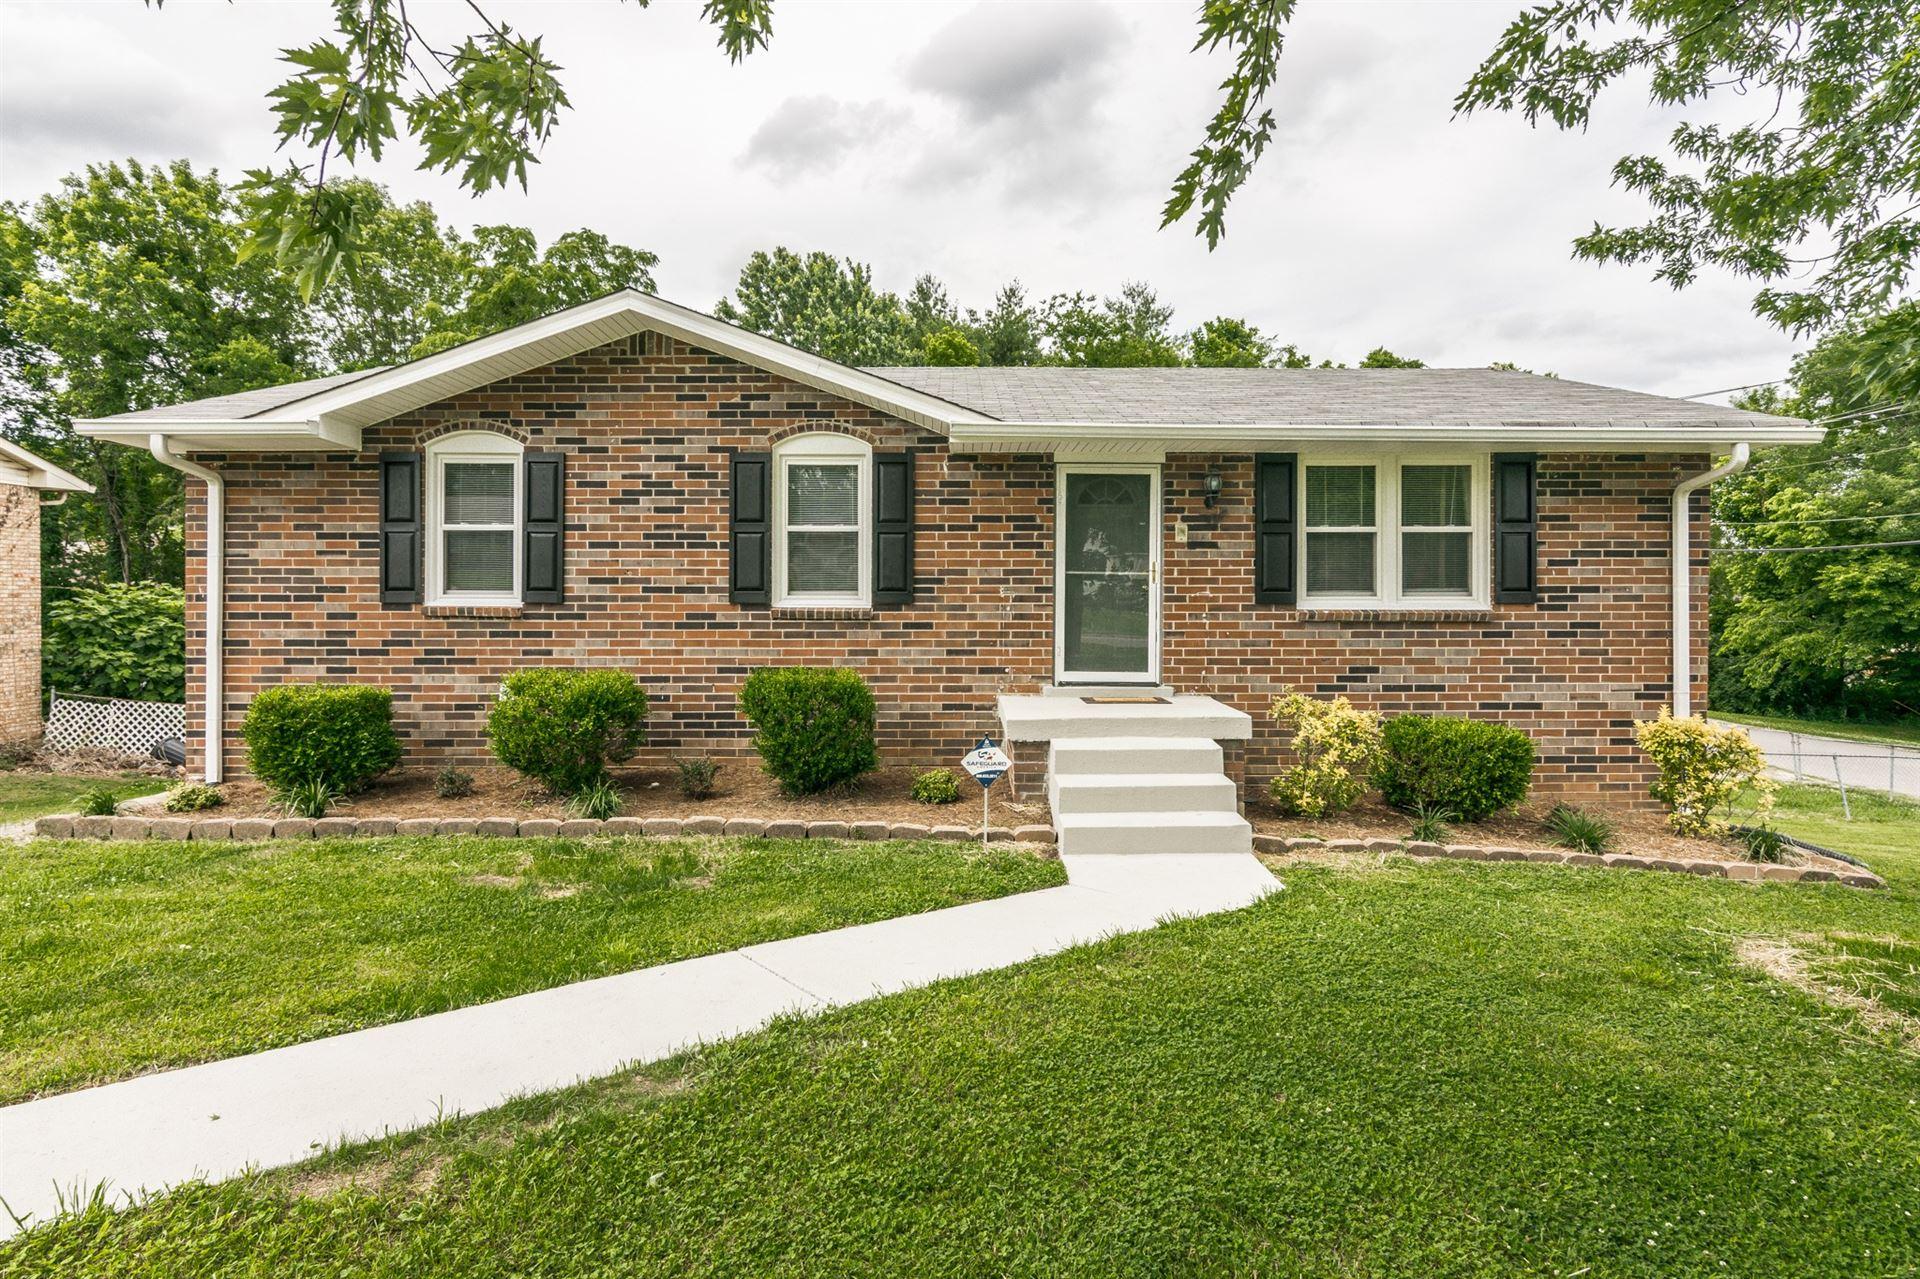 221 Evergreen Cir, Hendersonville, TN 37075 - MLS#: 2260263